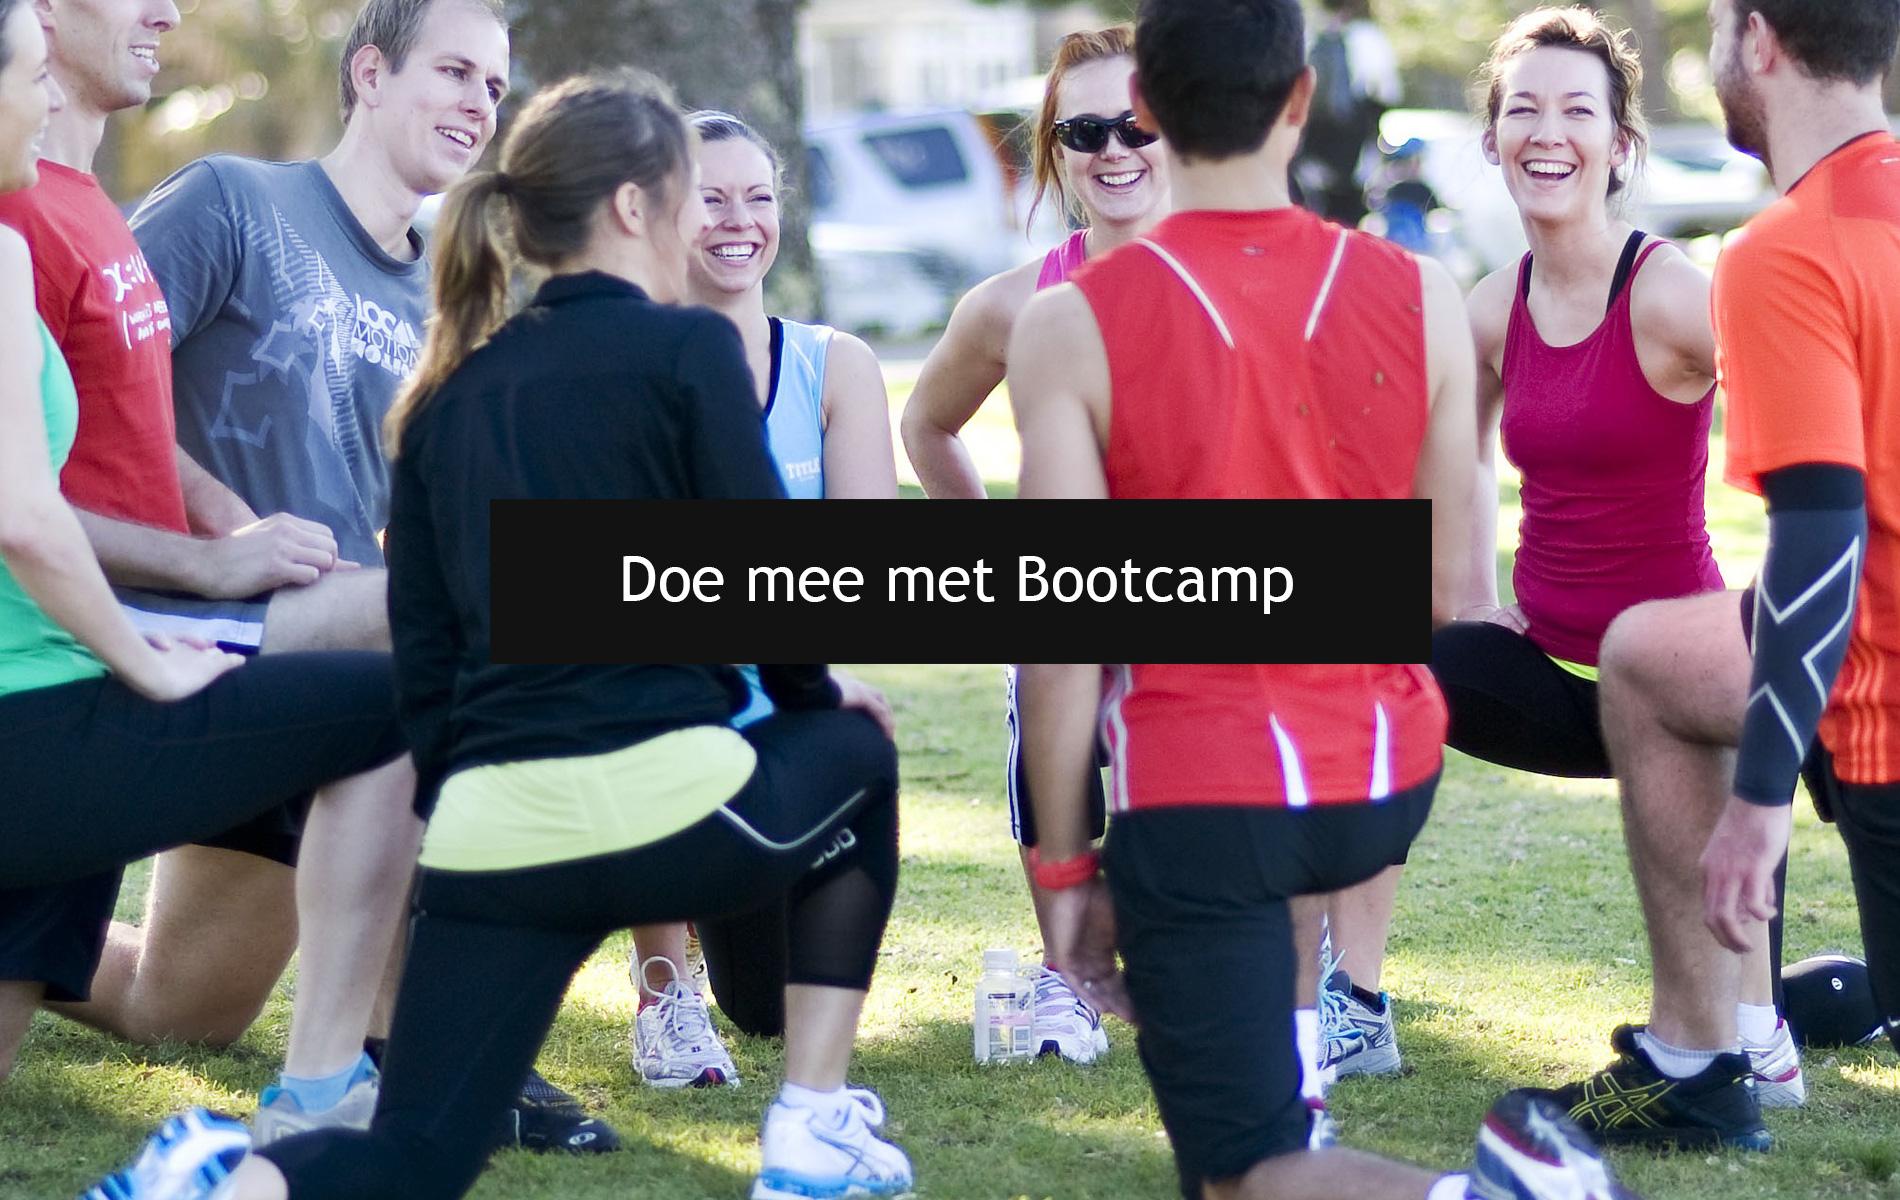 Afbeeldingen_site_Bootcamp2